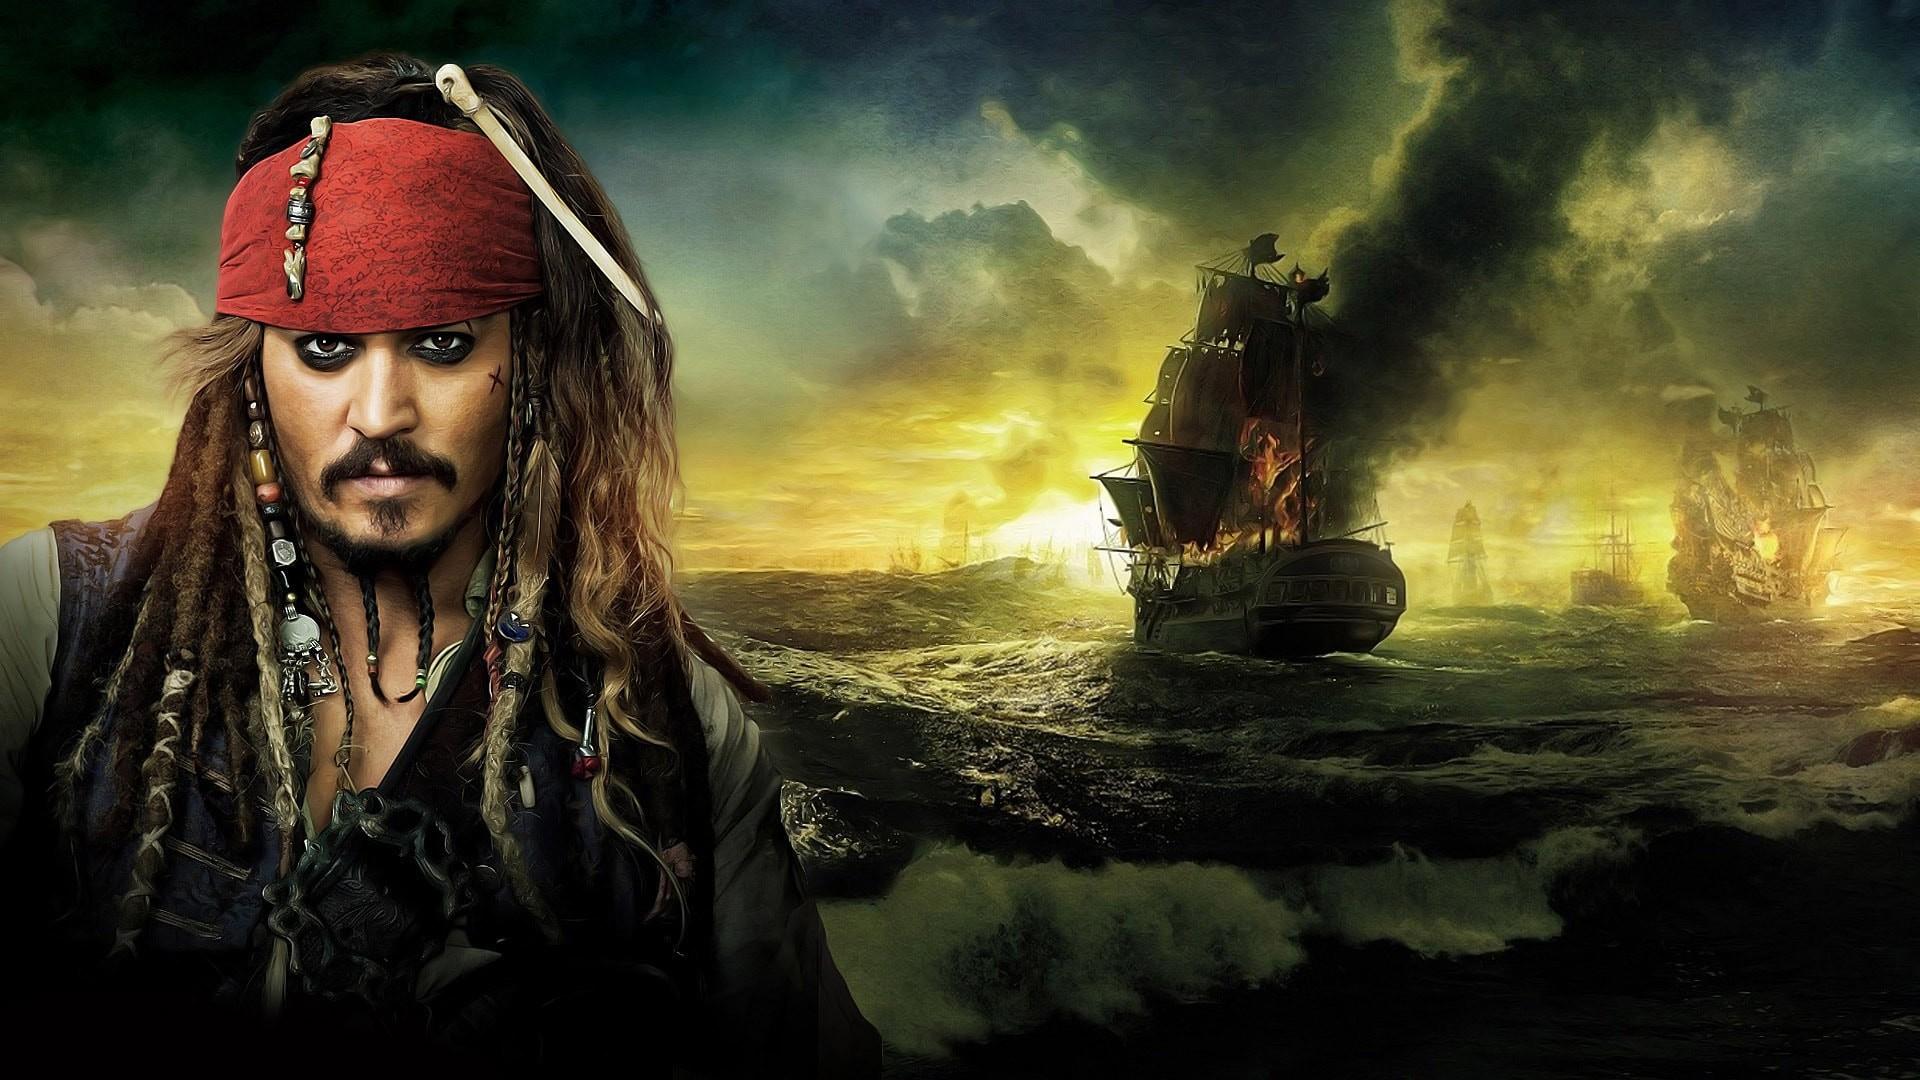 Pirates of the Caribbean: Dead Men Tell No Tales Desktop wallpaper